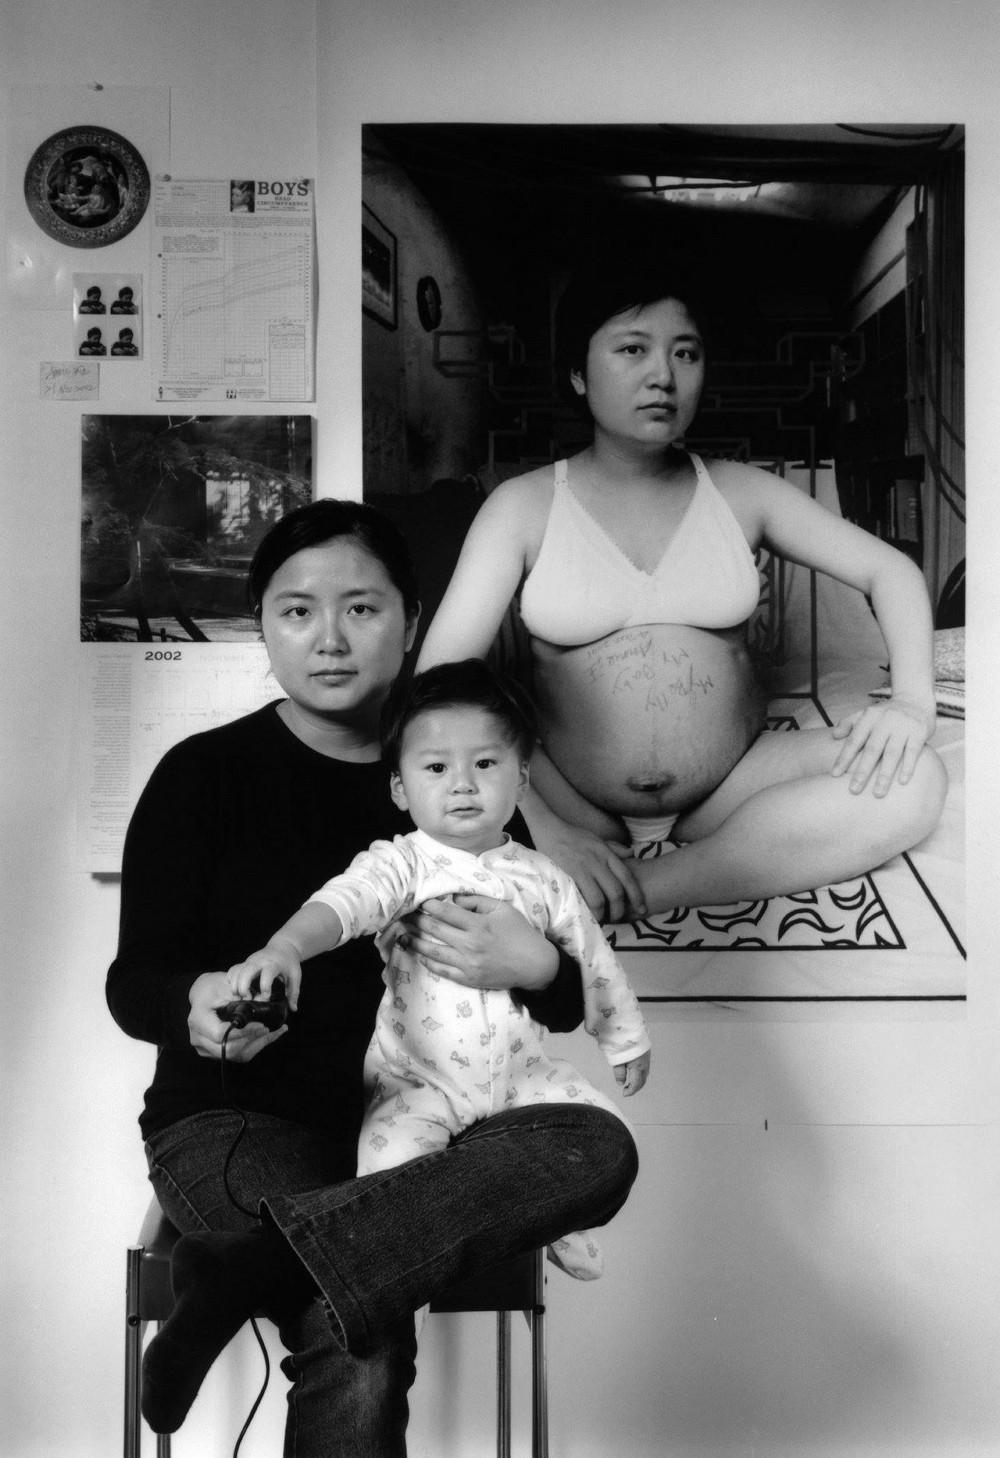 Мама 17 лет делает автопортреты с сыном и каждый последующий снимок на фоне предыдущего 2